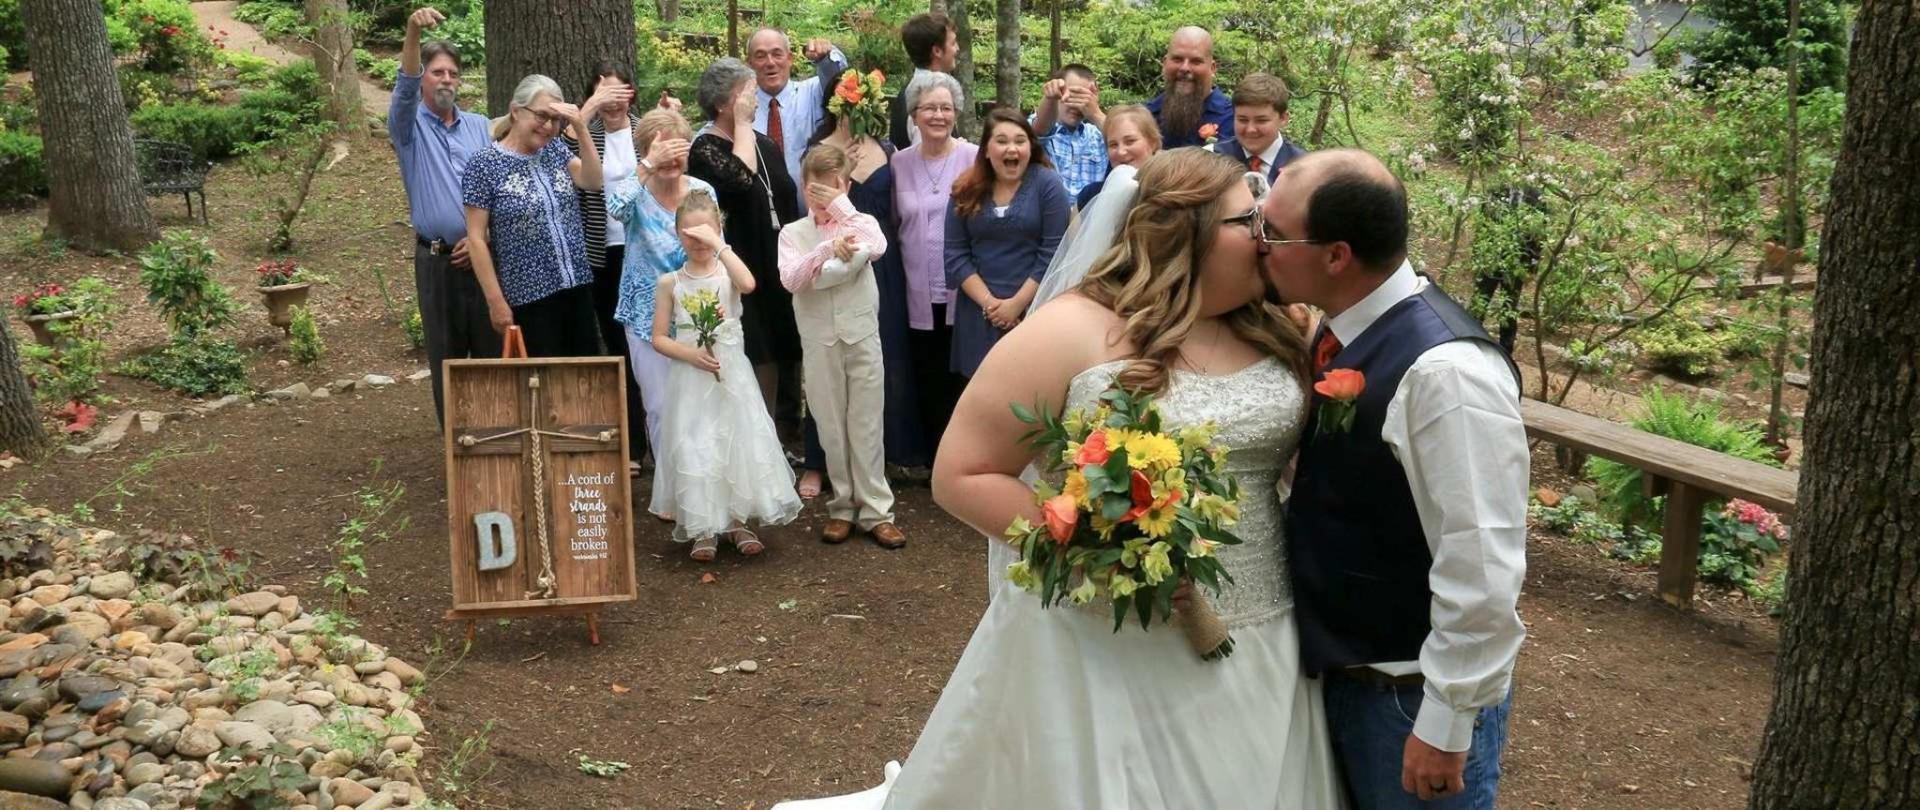 Gatlinburg Wedding Packages.Waterfall Weddings Gatlinburg